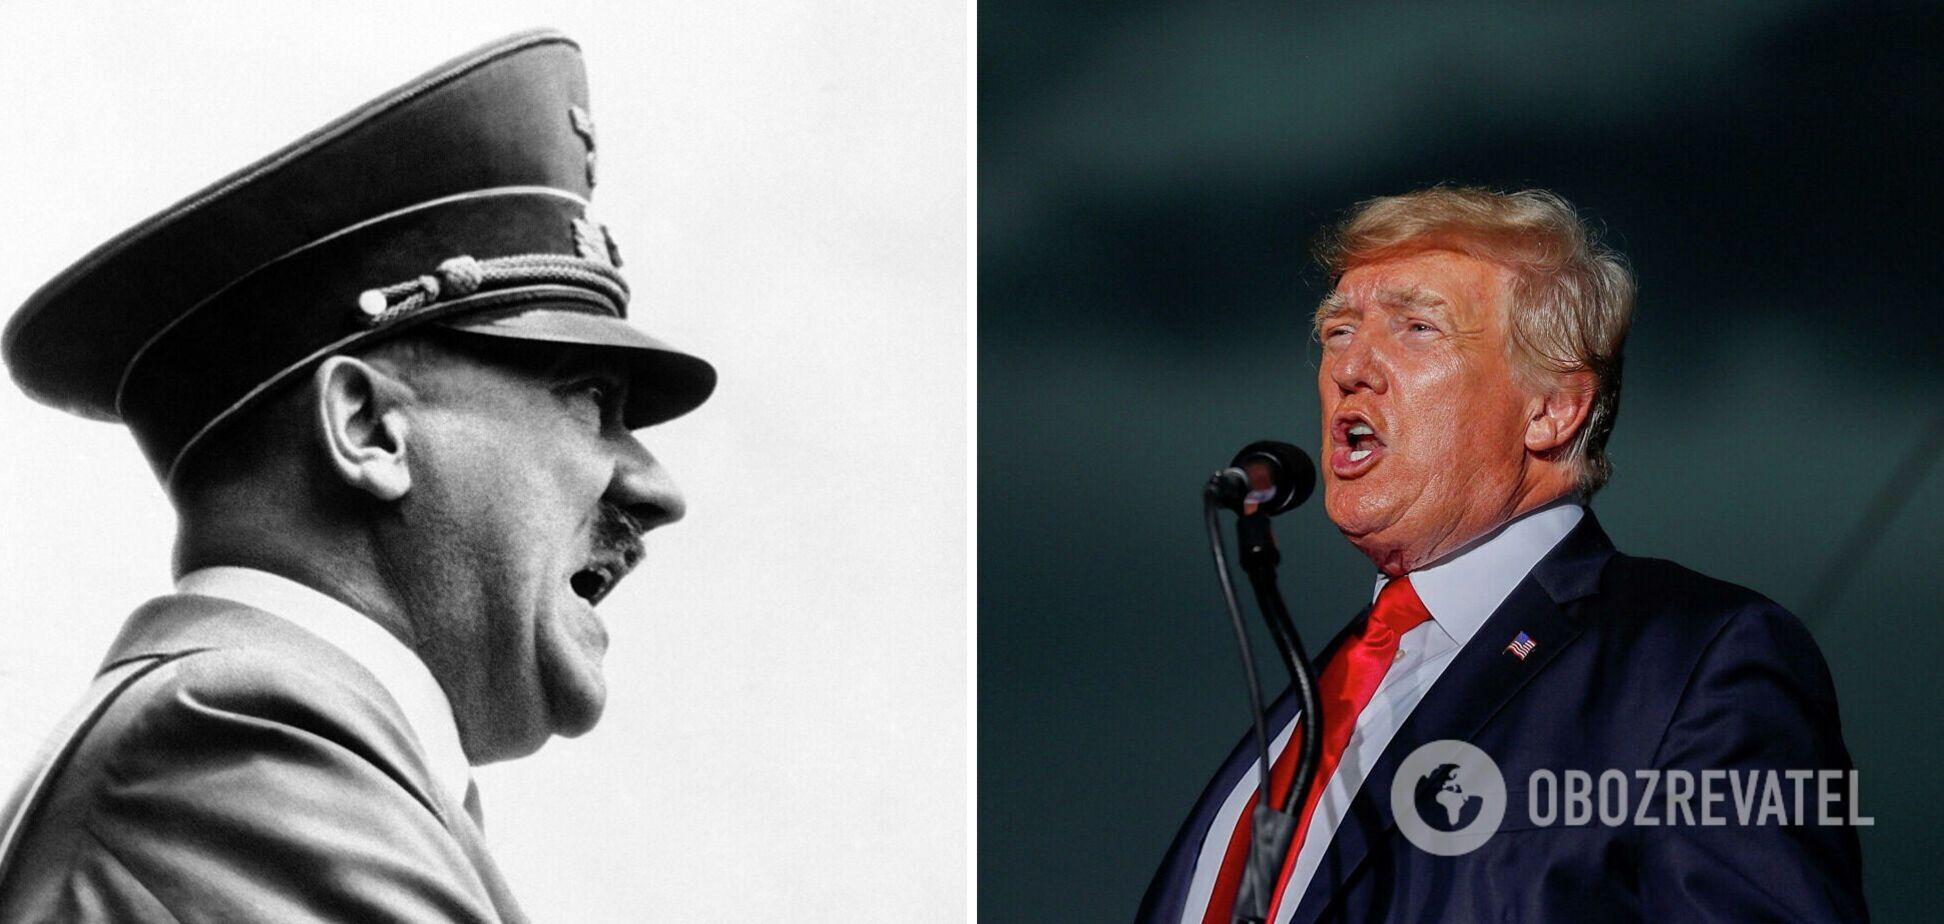 Трамп заявил, что Гитлер 'сделал много хорошего' - СМИ